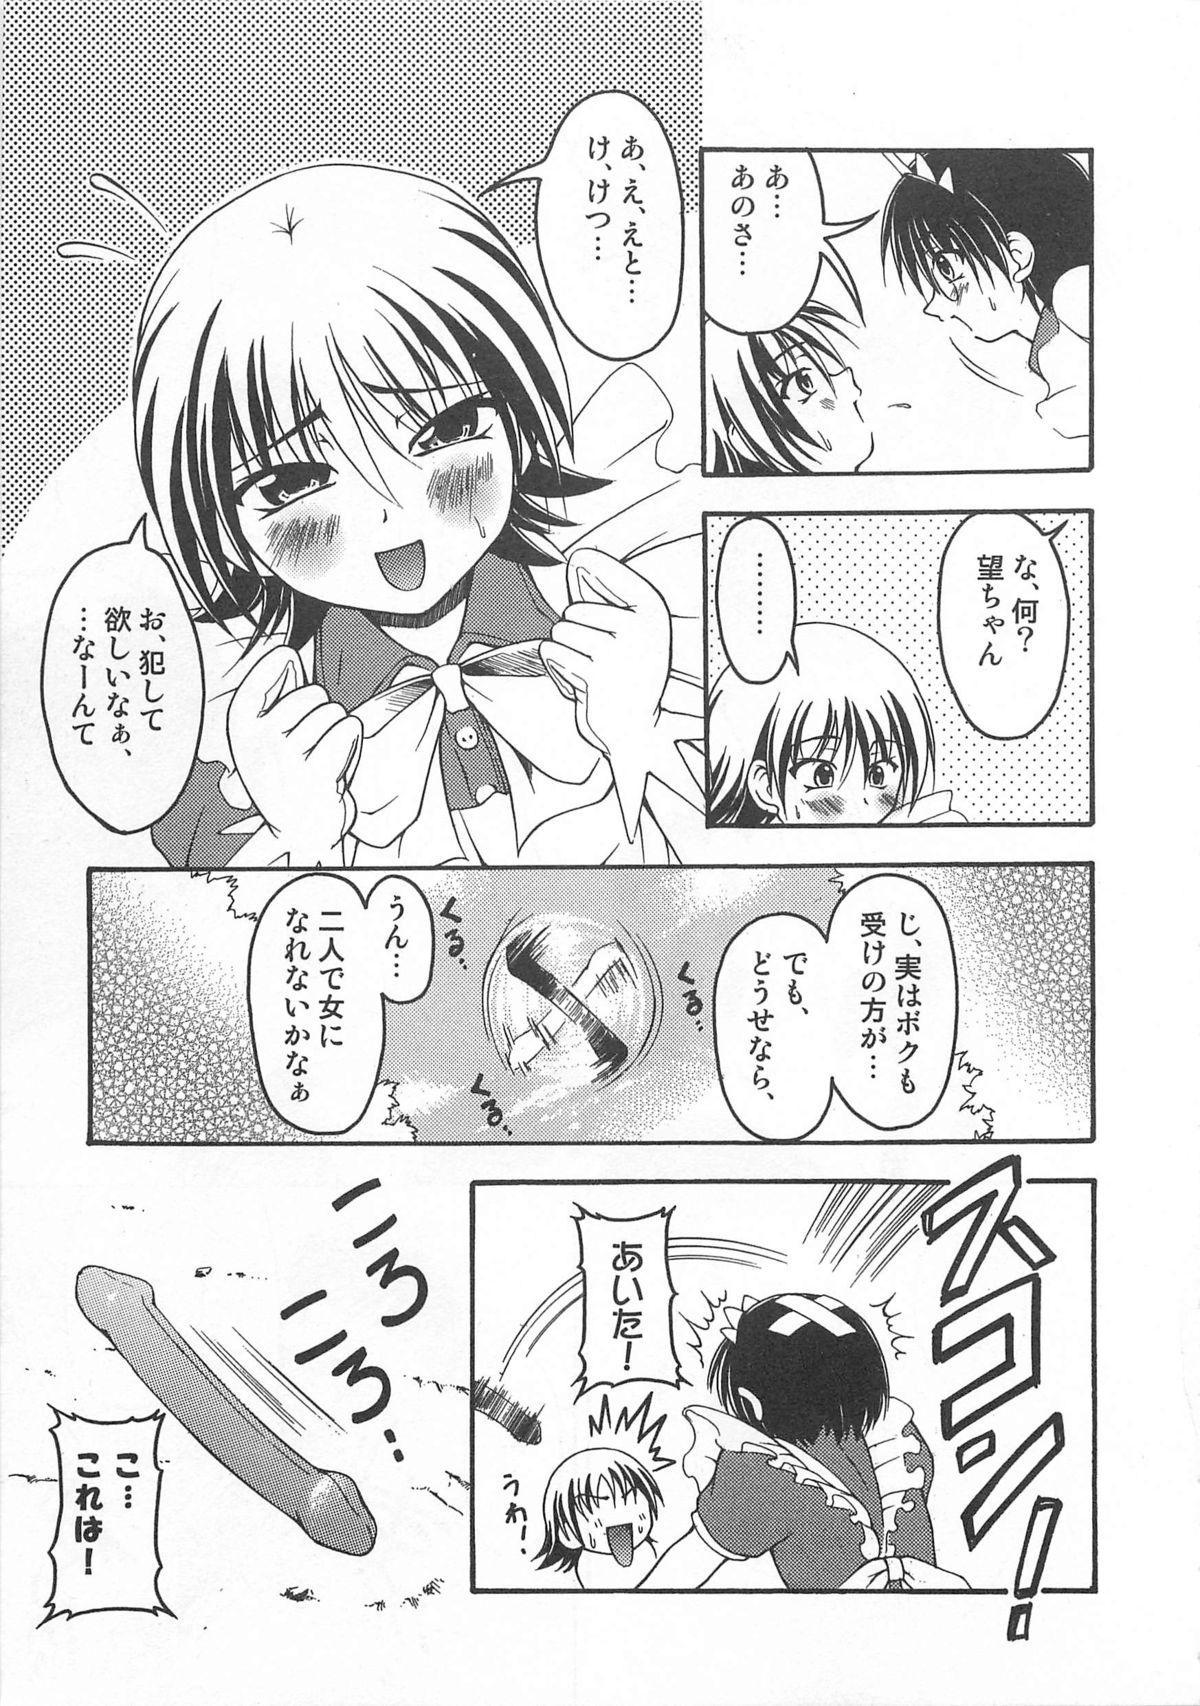 Otokonoko HEAVEN Vol. 01 Meganekko 61